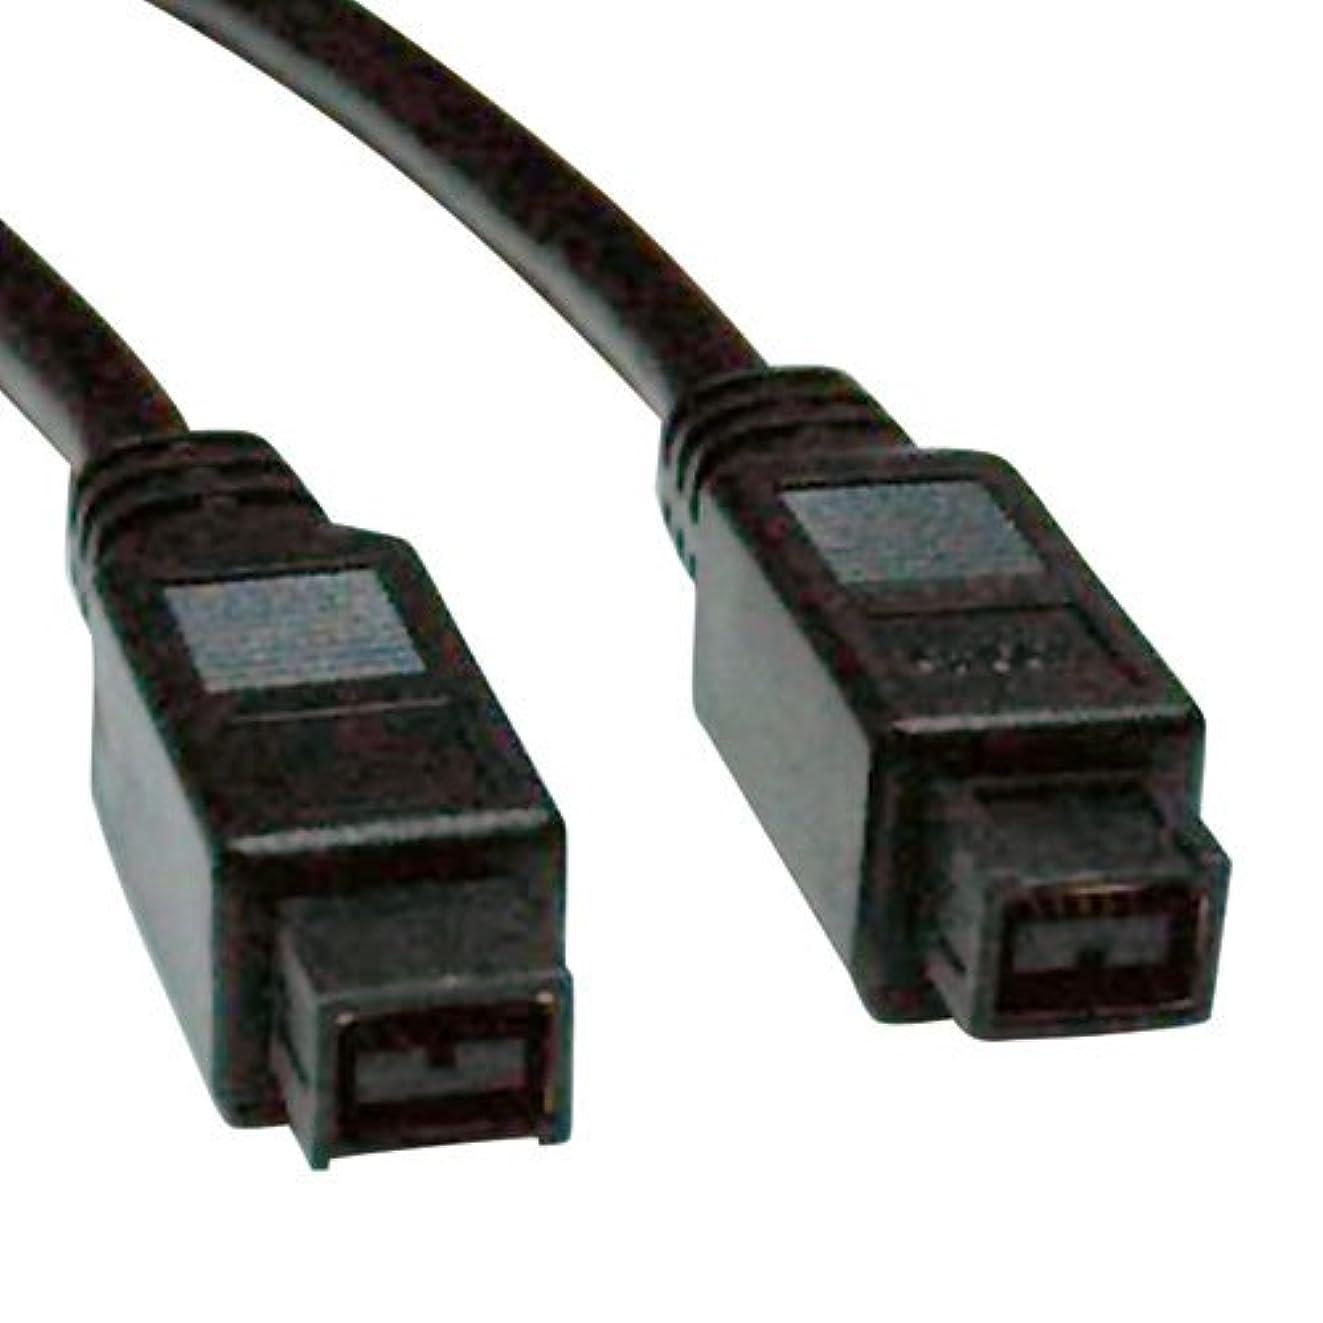 Tripp Lite FireWire 800 IEEE 1394b Hi-speed Cable (9pin/9pin) 6-ft.(F015-006)